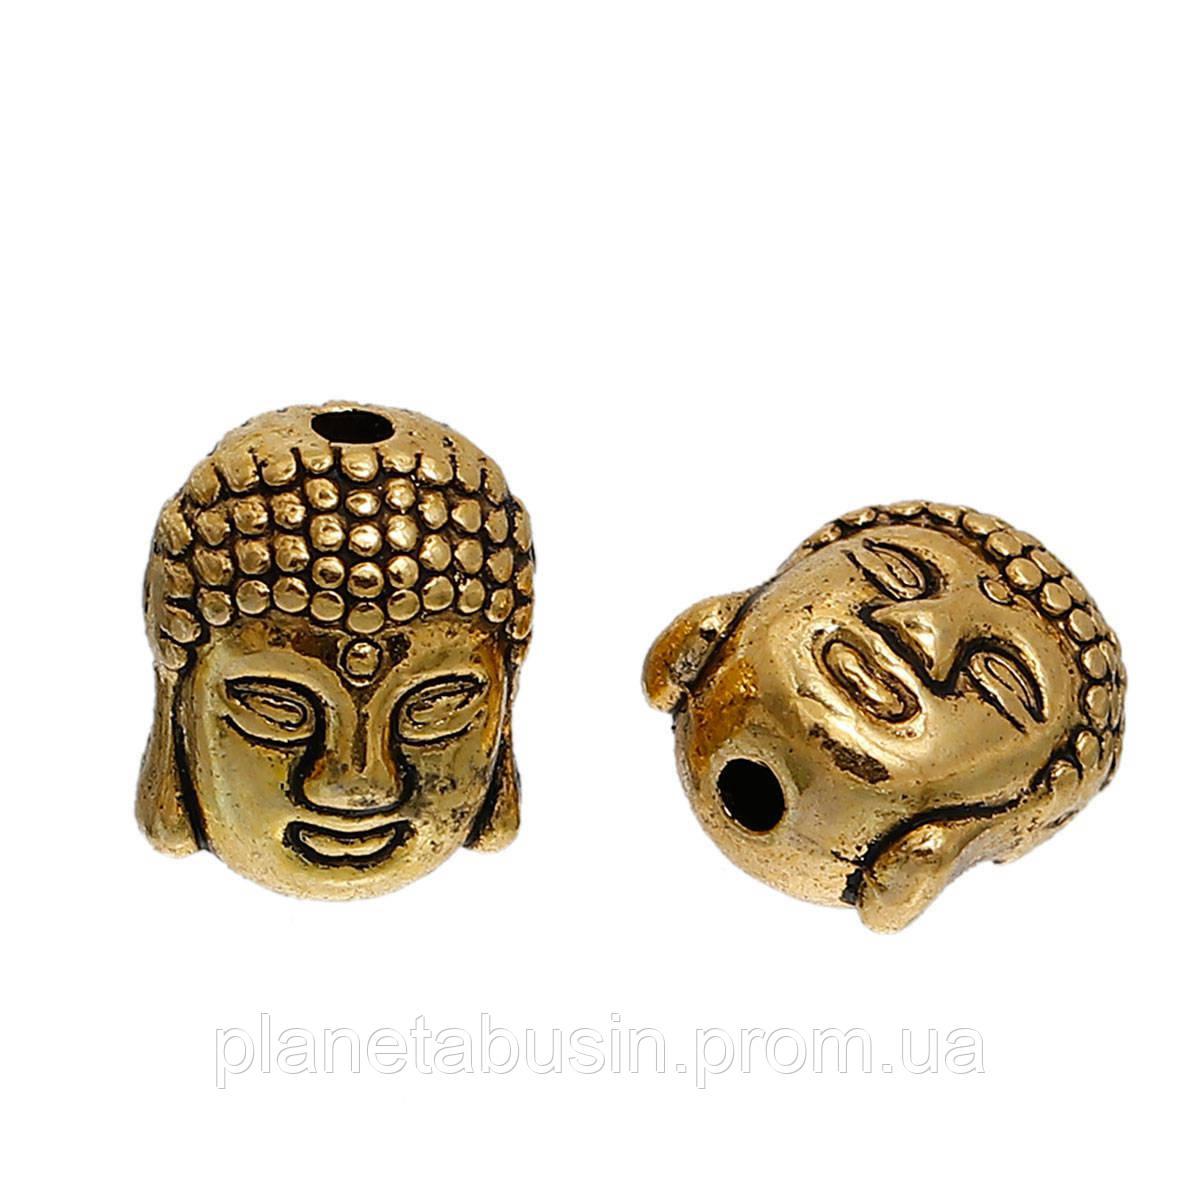 2 шт. в уп. Металлические бусины Будды, Голова Будды. Цвет: Античное золото, Размер: 9х11мм, Отверстие: 1,5мм